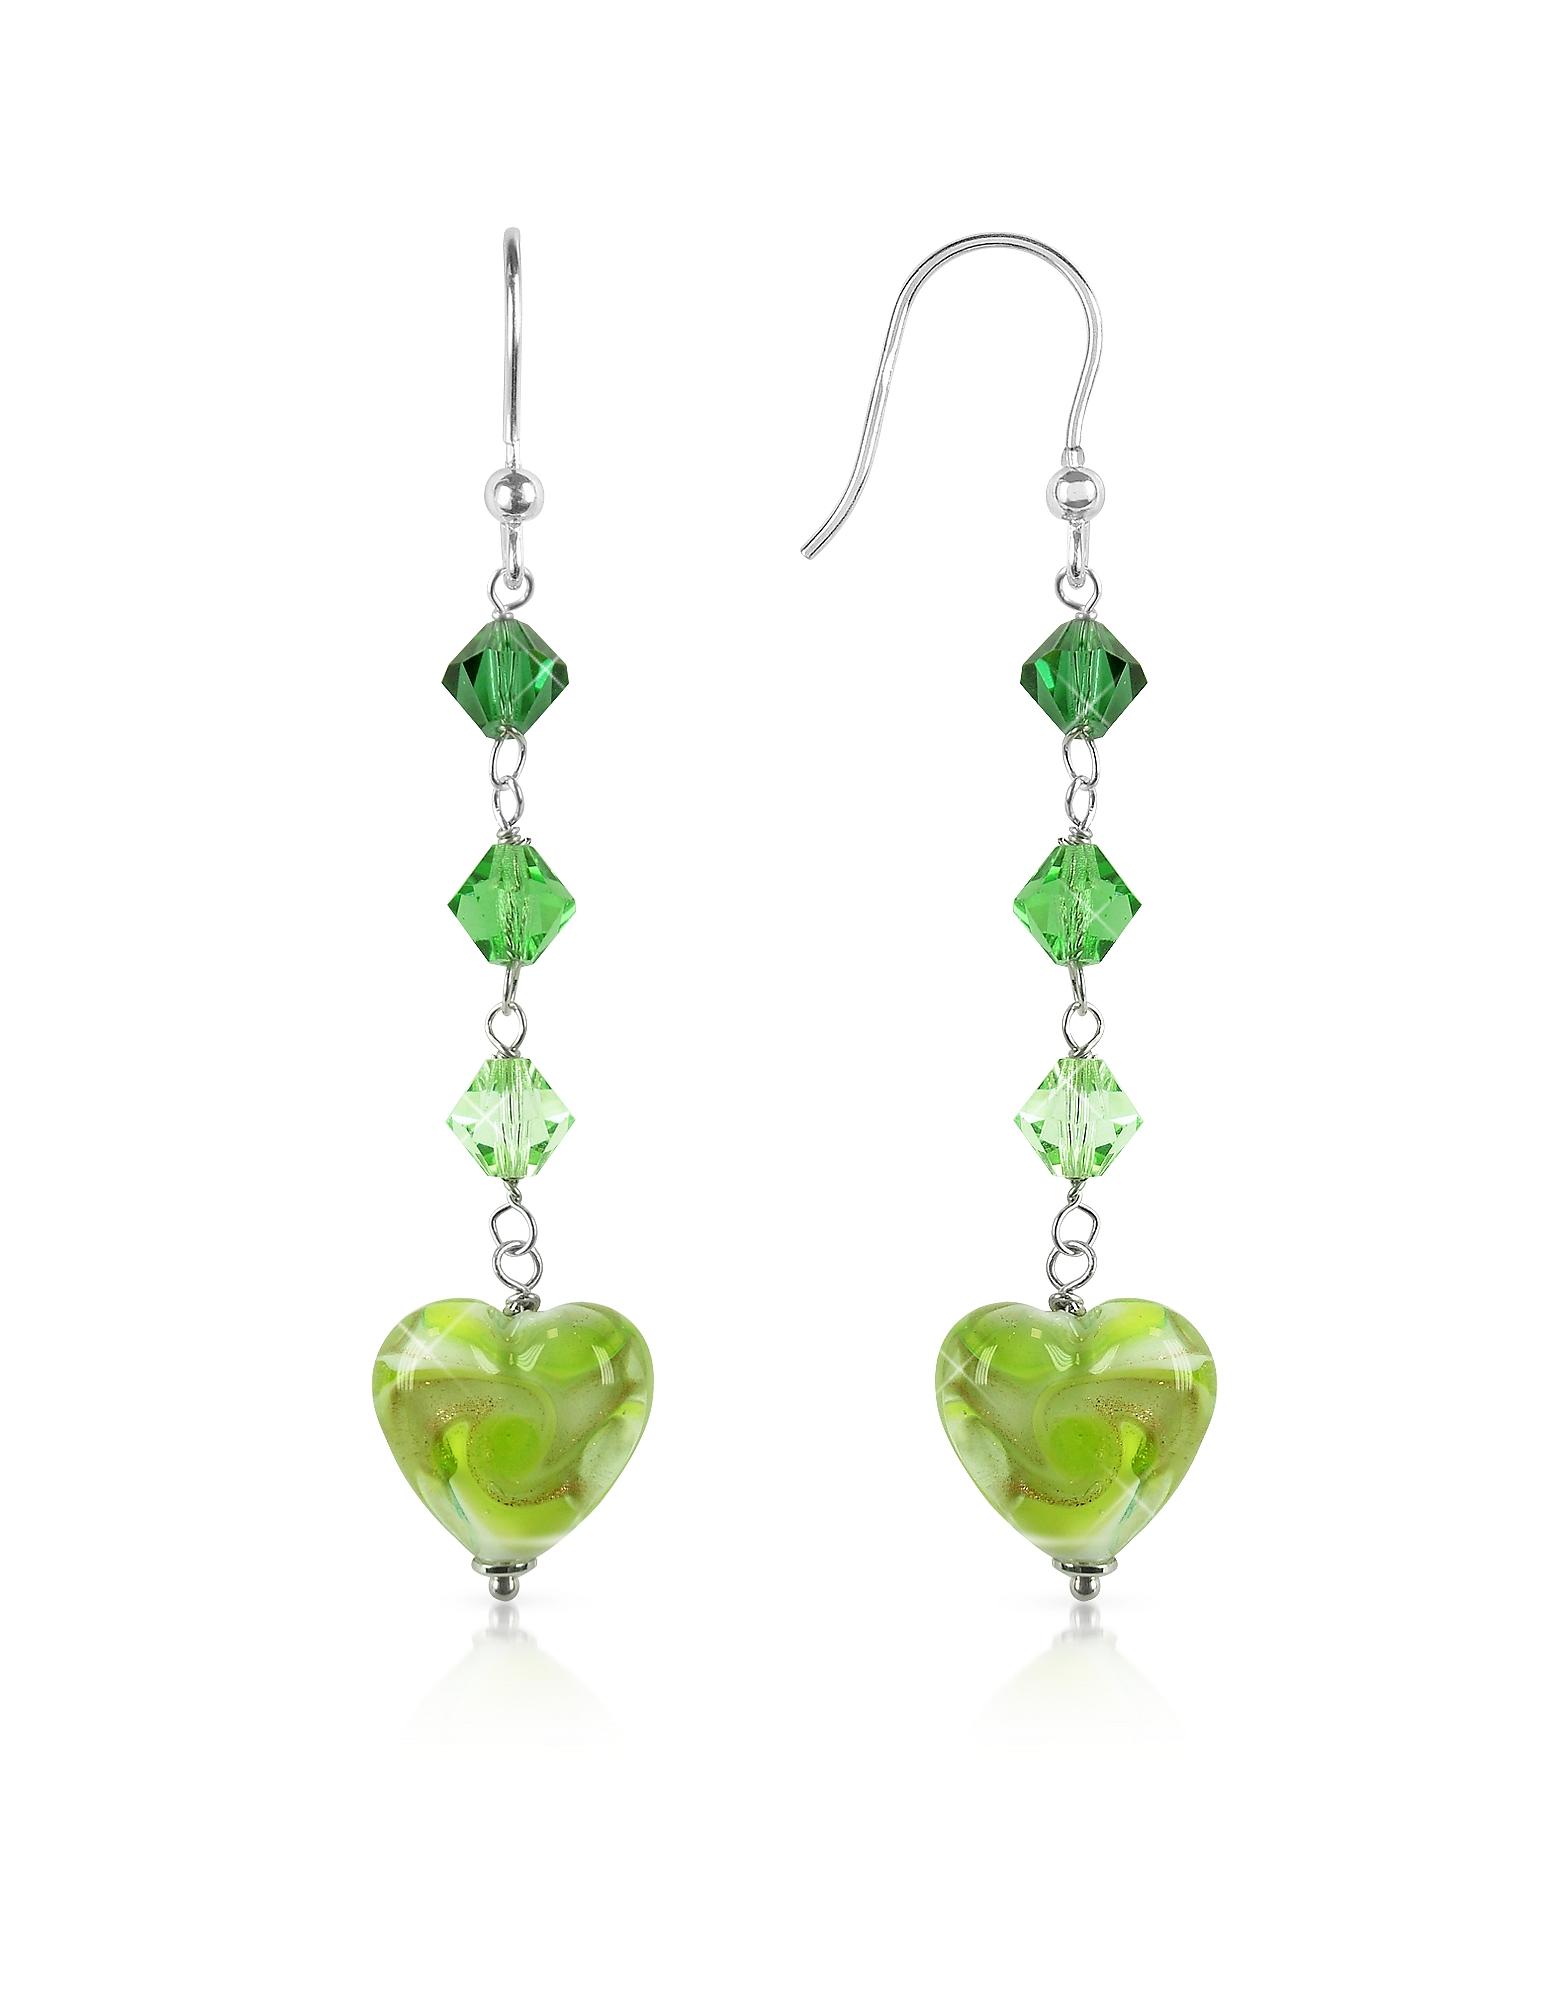 Vortice - Серьги с Сердечками Лимонно-зеленого Цвета из Стекла Мурано